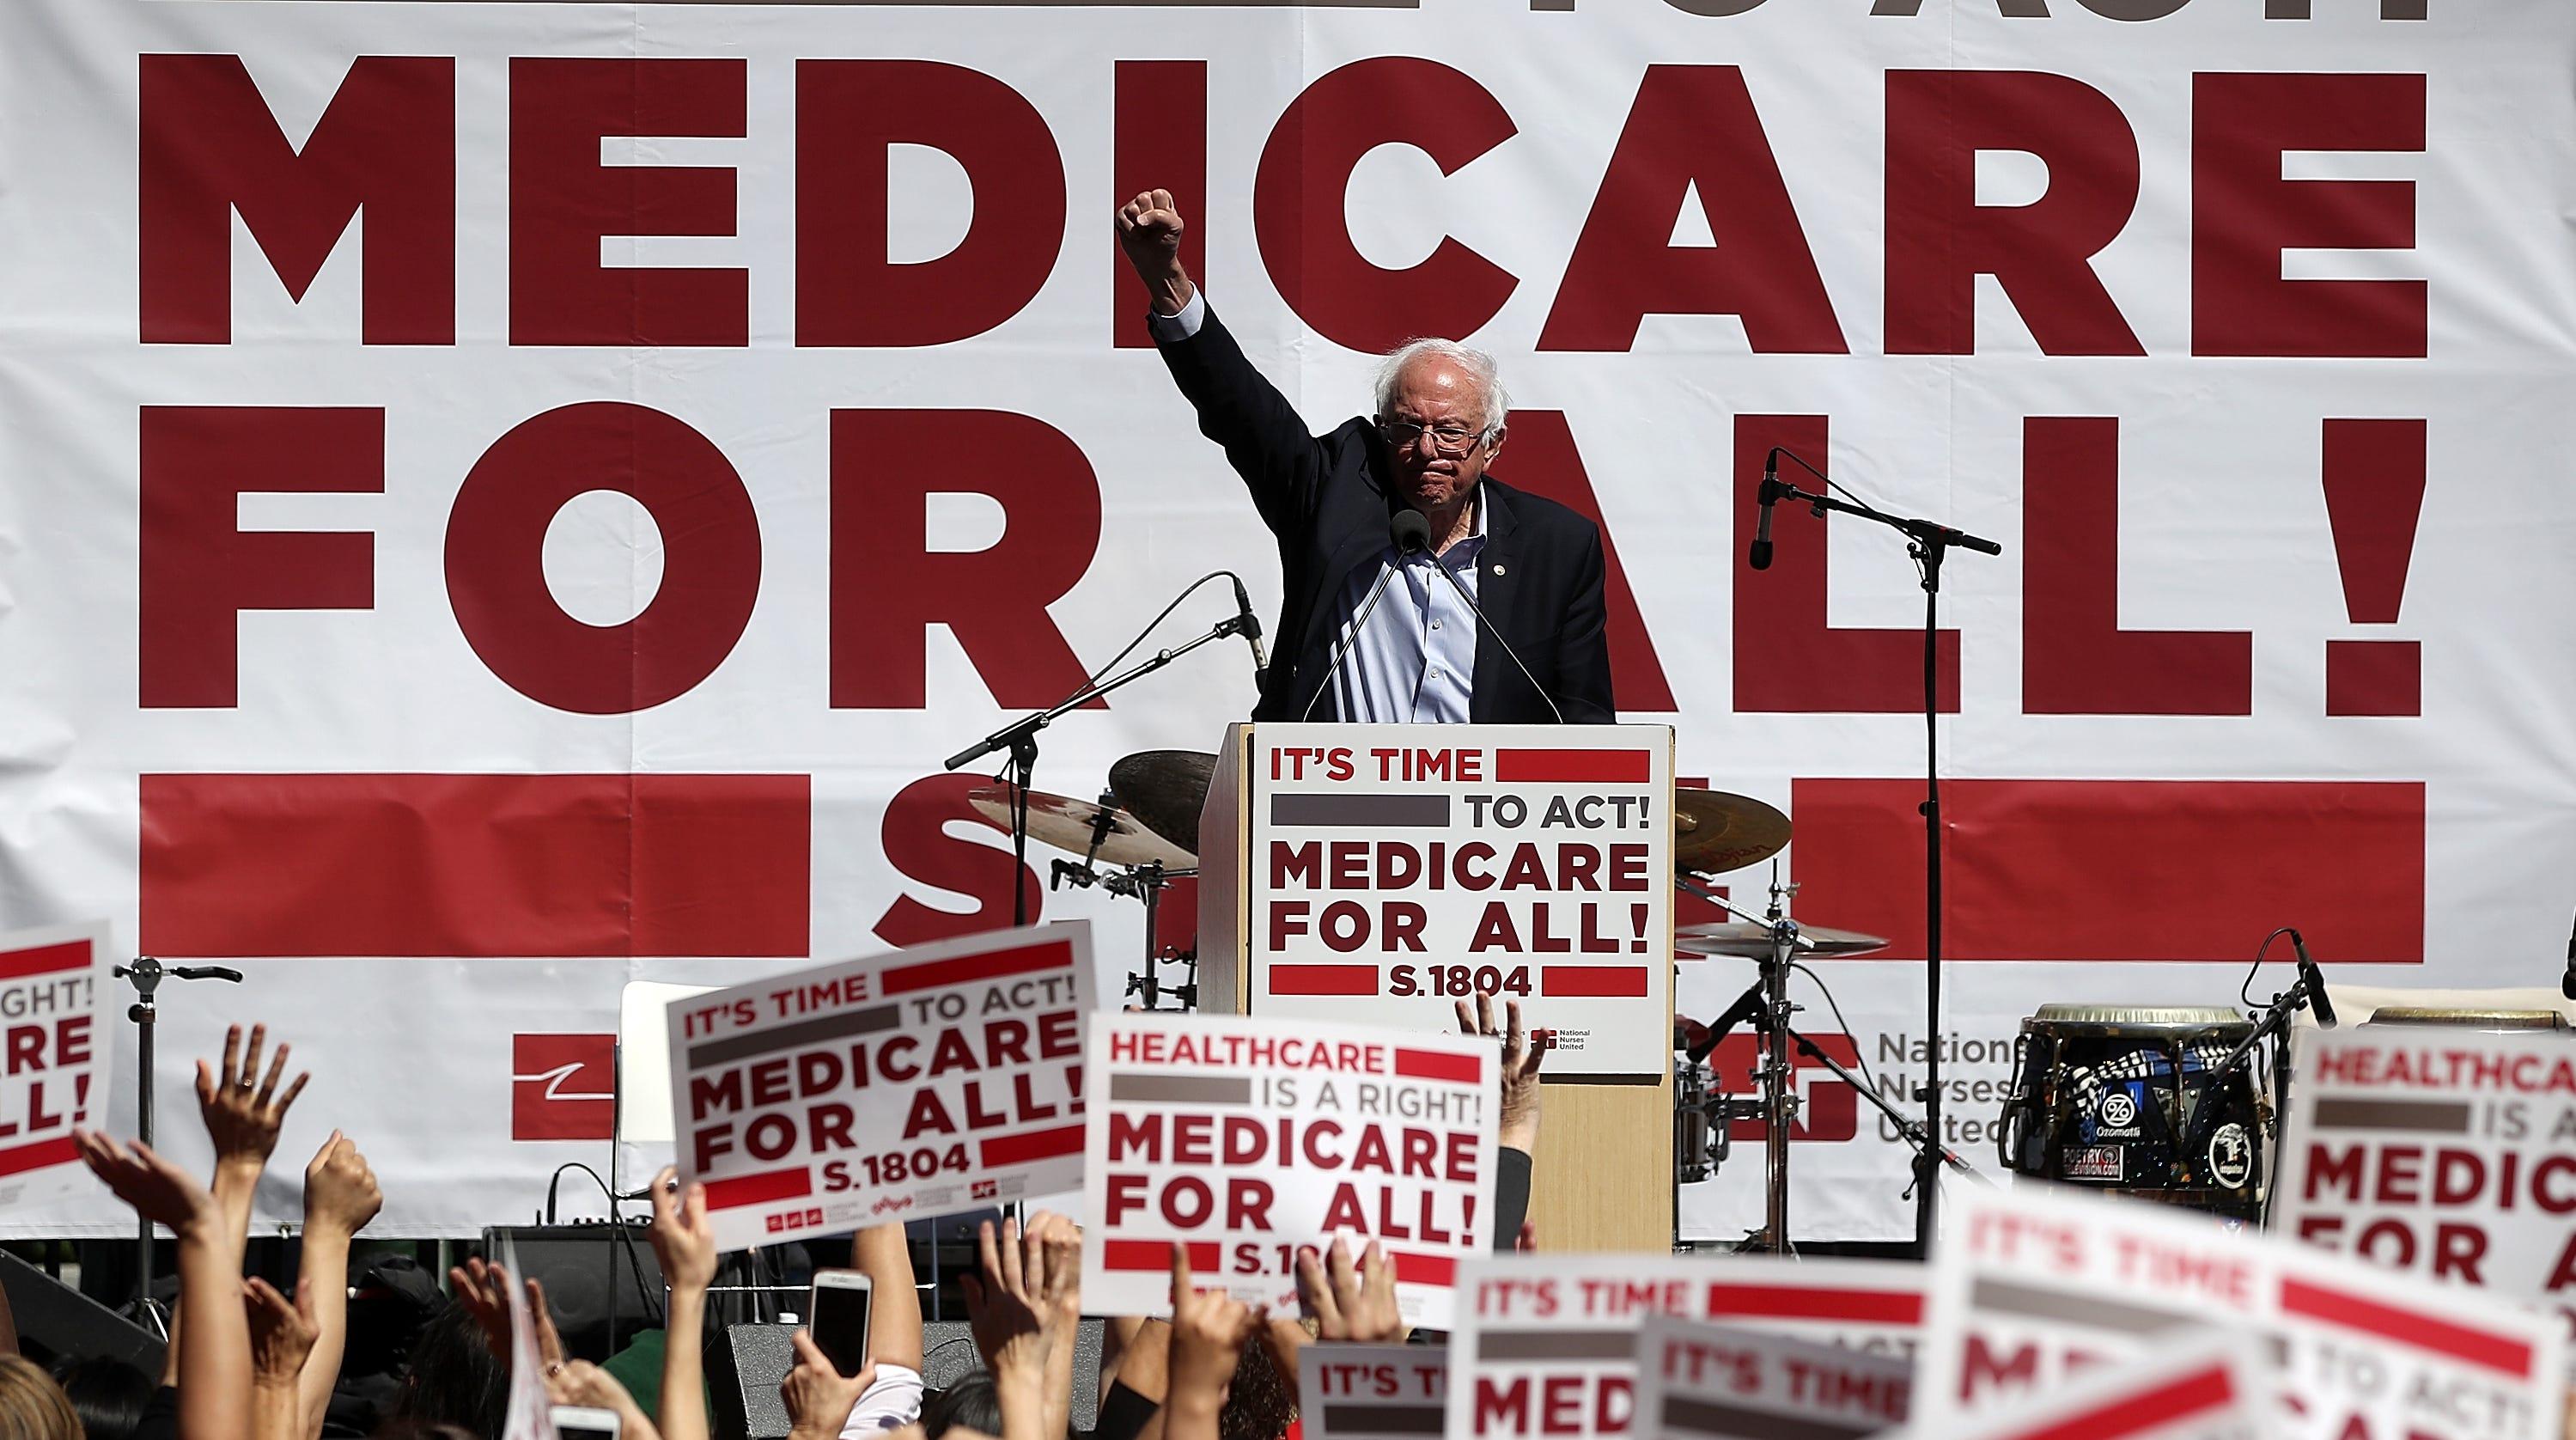 Sen. Bernie Sanders speaks at a rally on Sept. 22, 2017.